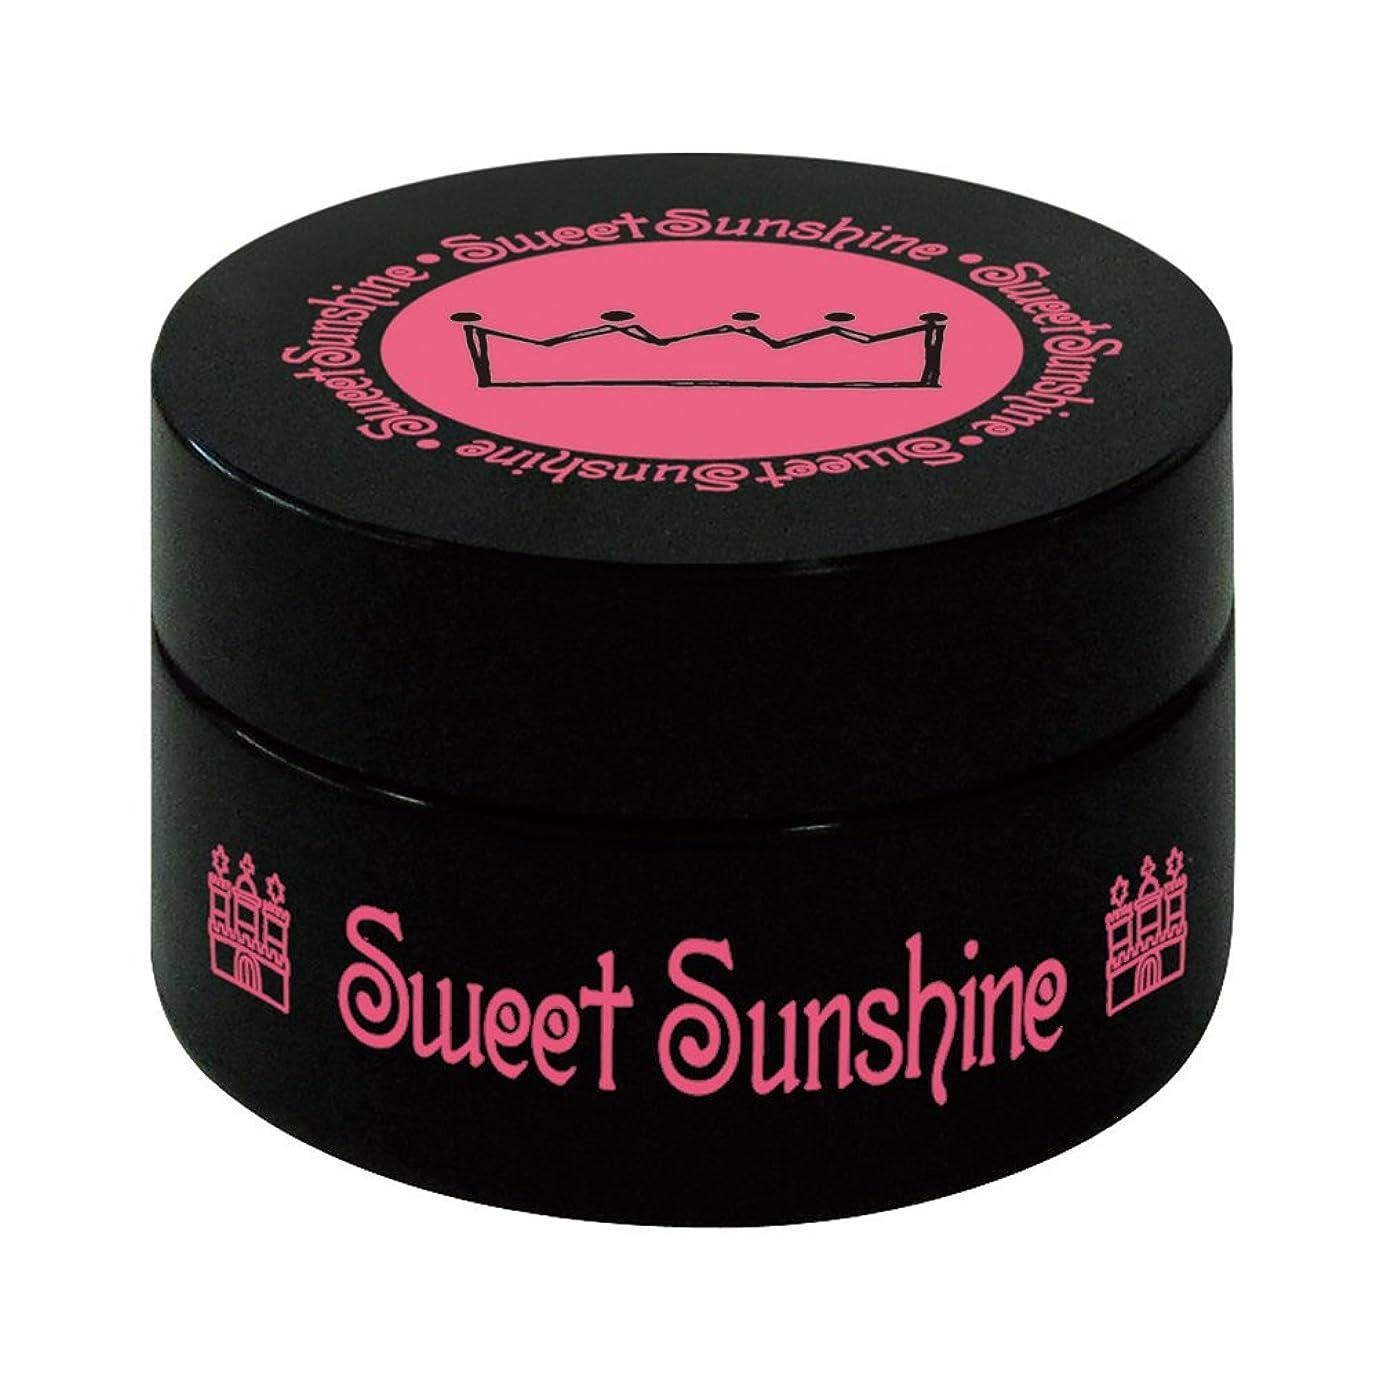 インレイスチュアート島分子最速硬化LED対応 Sweet Sunshine スィート サンシャイン カラージェル SC-34 4g ローズピンク